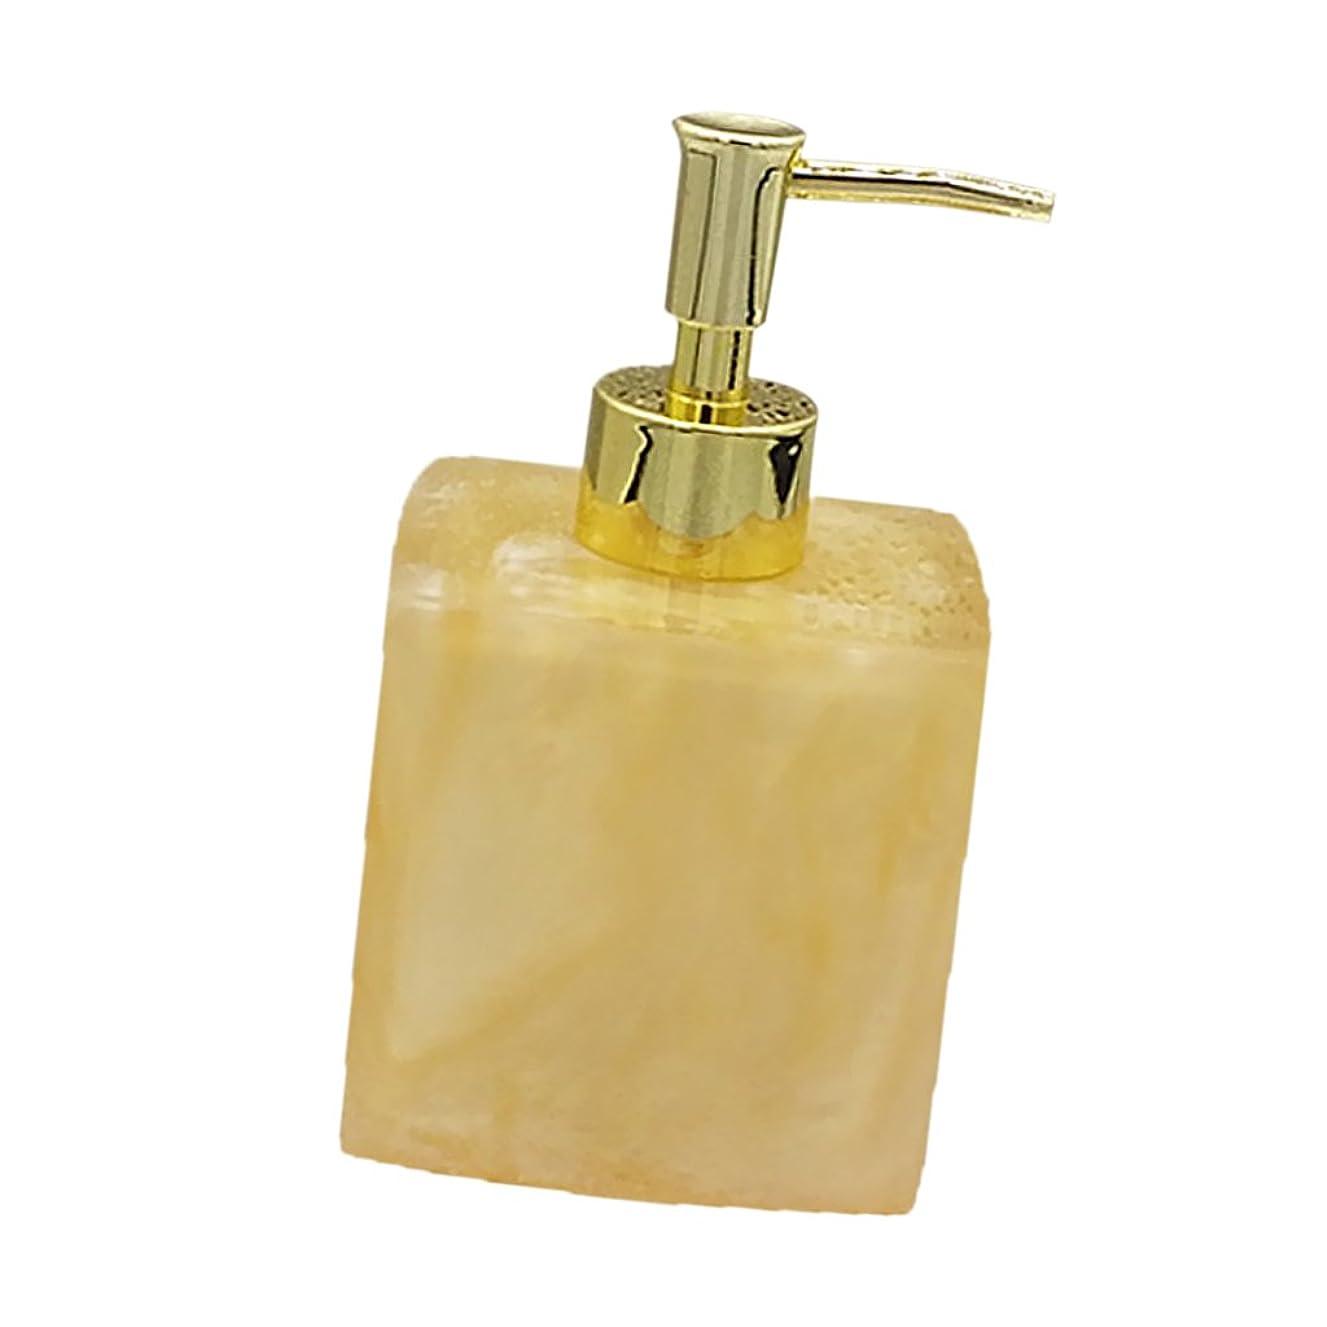 シェフキリン贈り物(8.5 7.8 15cm, Yellow) - MonkeyJack Resin Soap Shampoo Dispenser Bath Liquid Body Lotion Pump Bottle/Jar VARIOUS - Yellow, 8.5 7.8 15cm